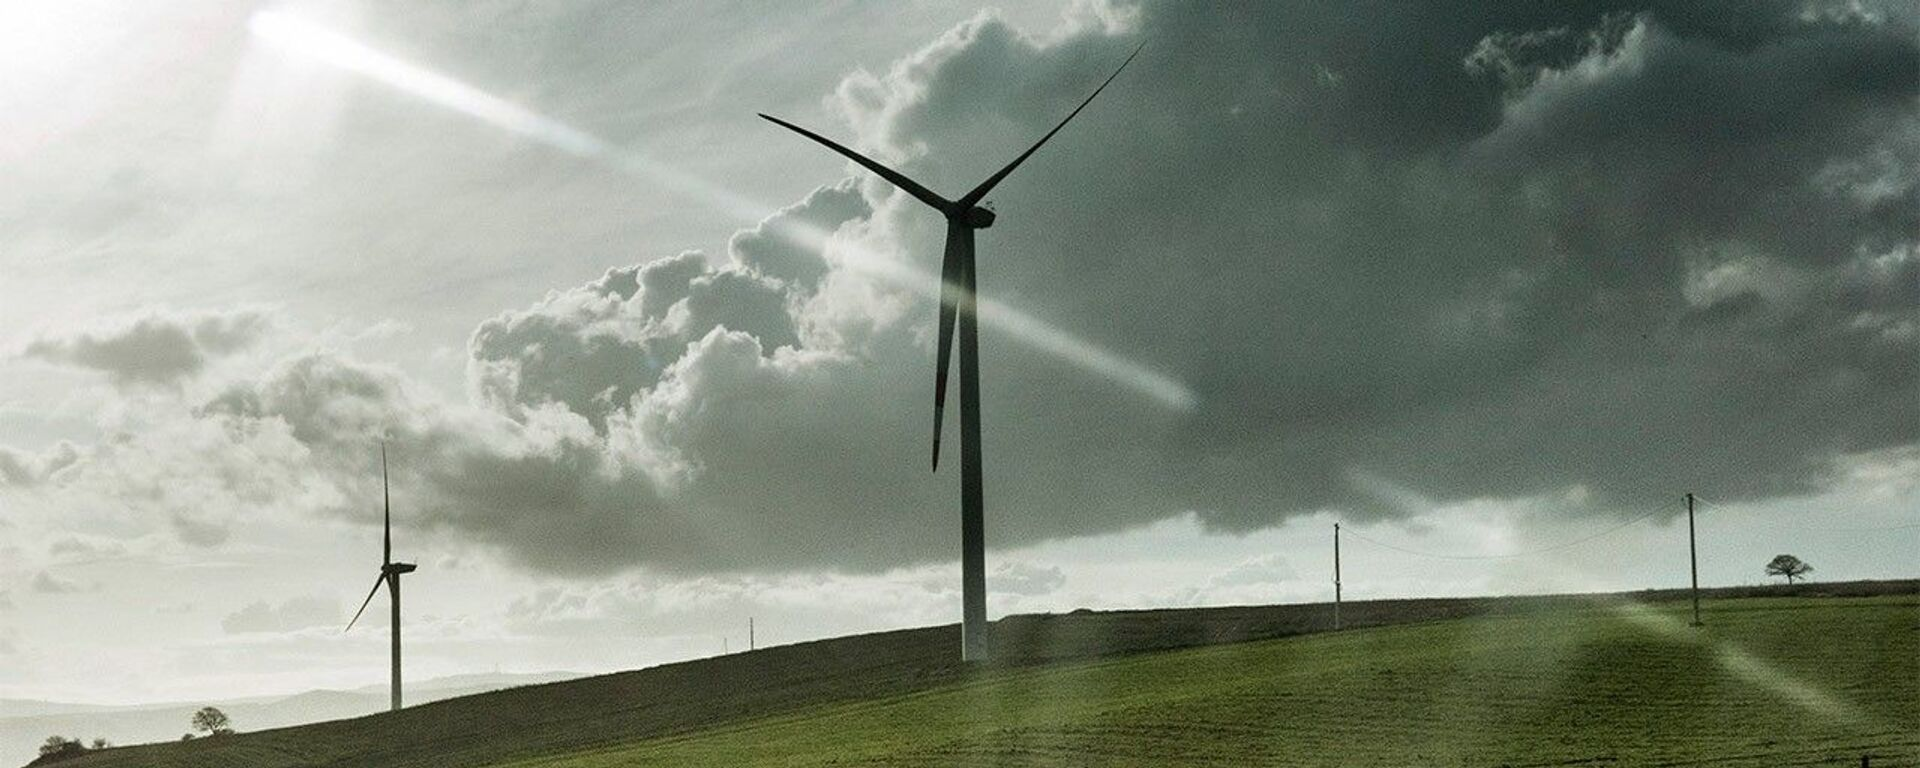 Uno centrale ad energia eolica di Enel - Sputnik Italia, 1920, 14.07.2021